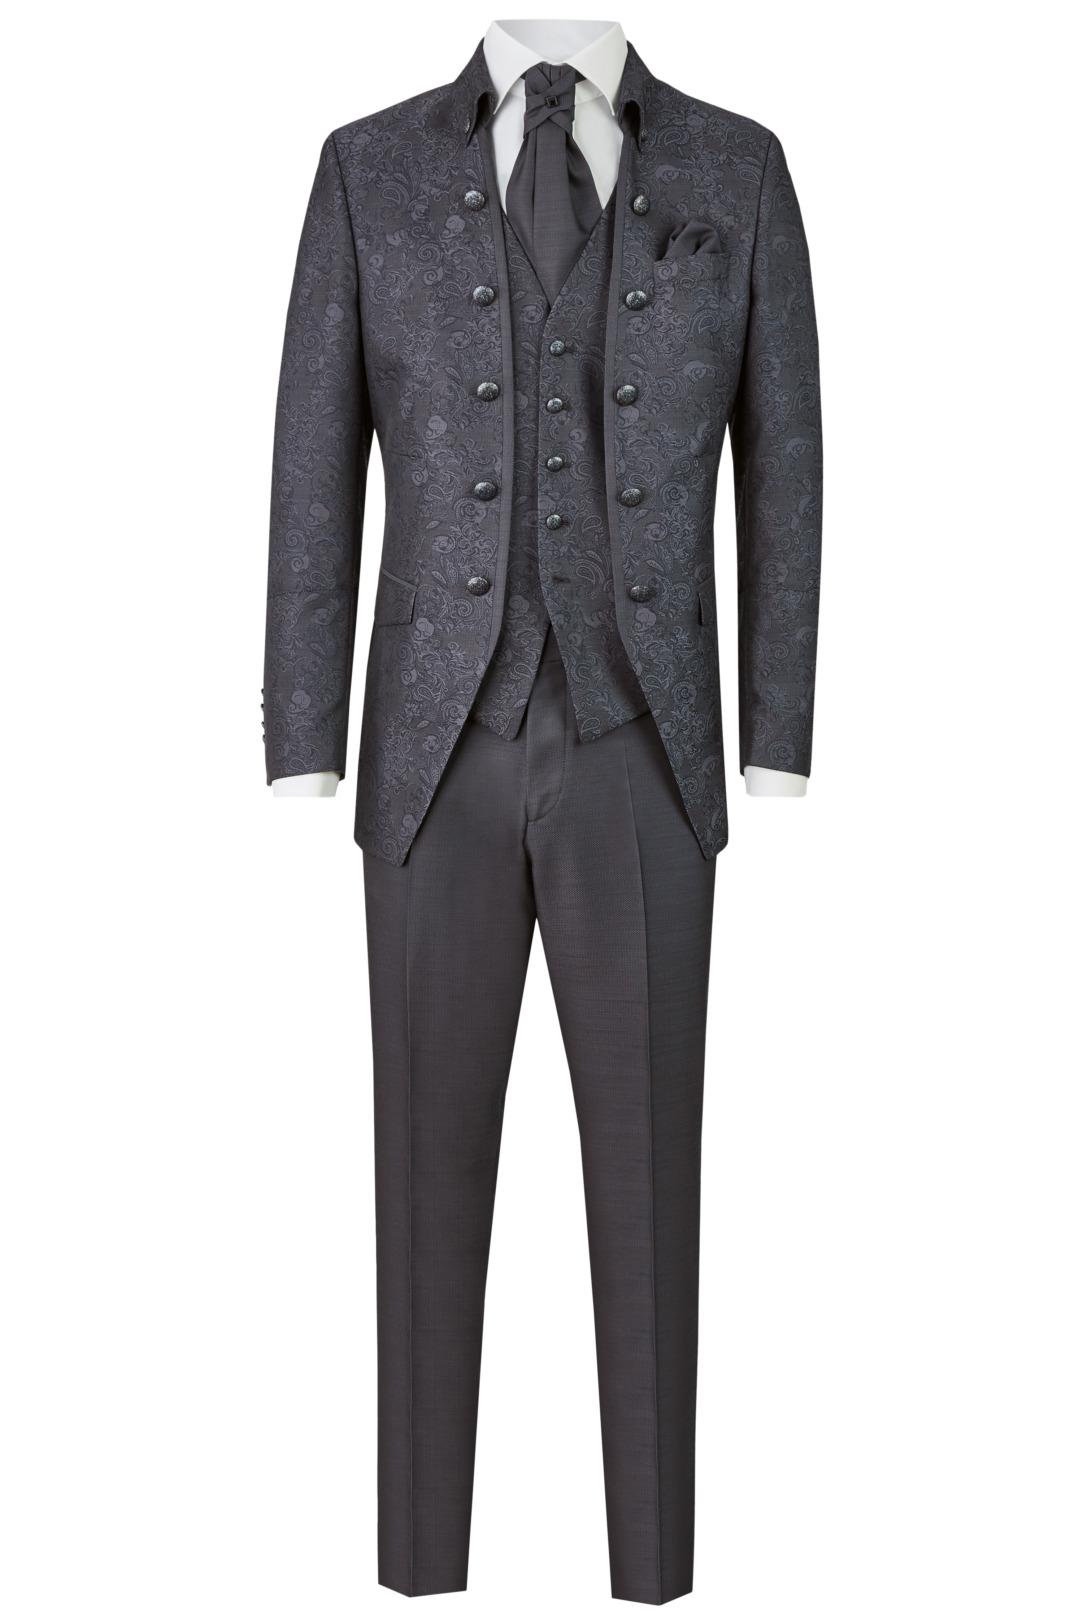 Wilvorst Tziacco Hochzeitsanzug Männer Mode Bräutigam extravagant dunkelgrau antrazith mit gemustertem Jacket wil_0121_otf_tz-look-7_1